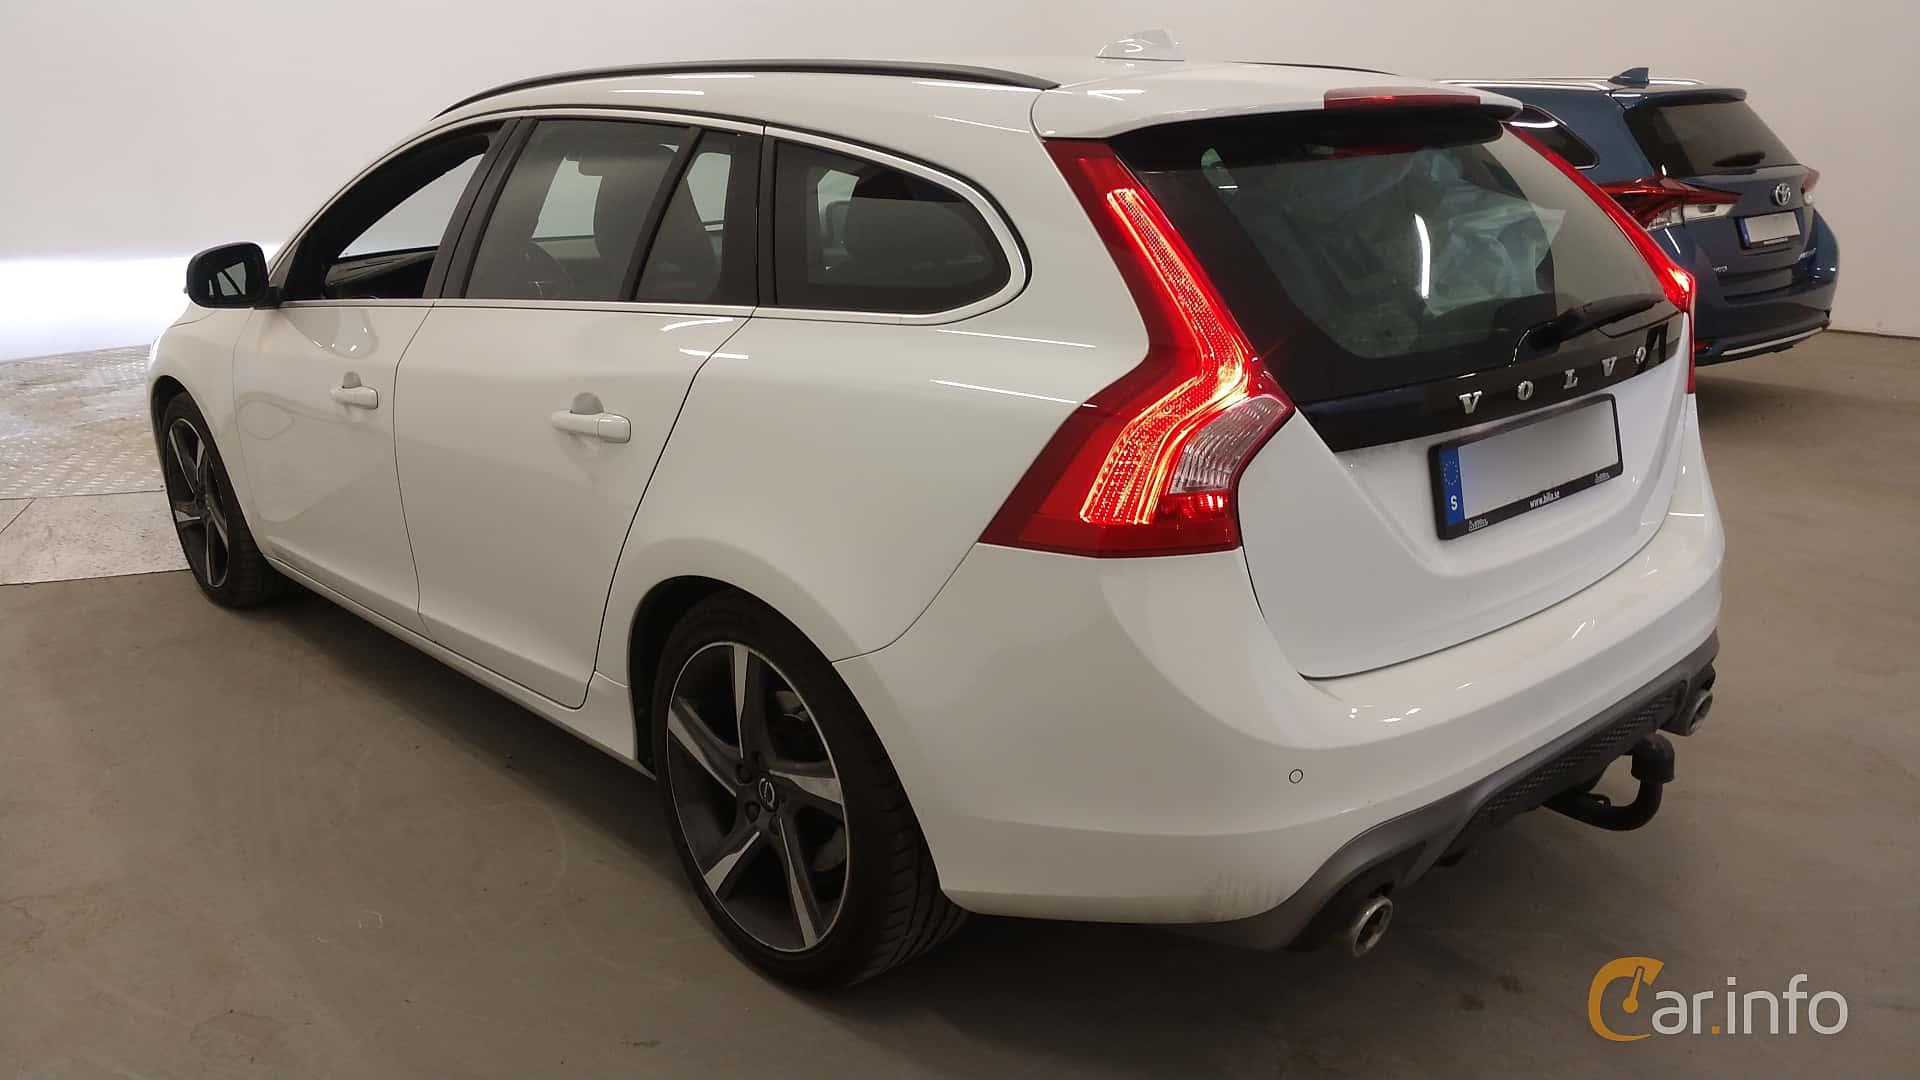 Volvo V60 D4 Manual, 190hp, 2016